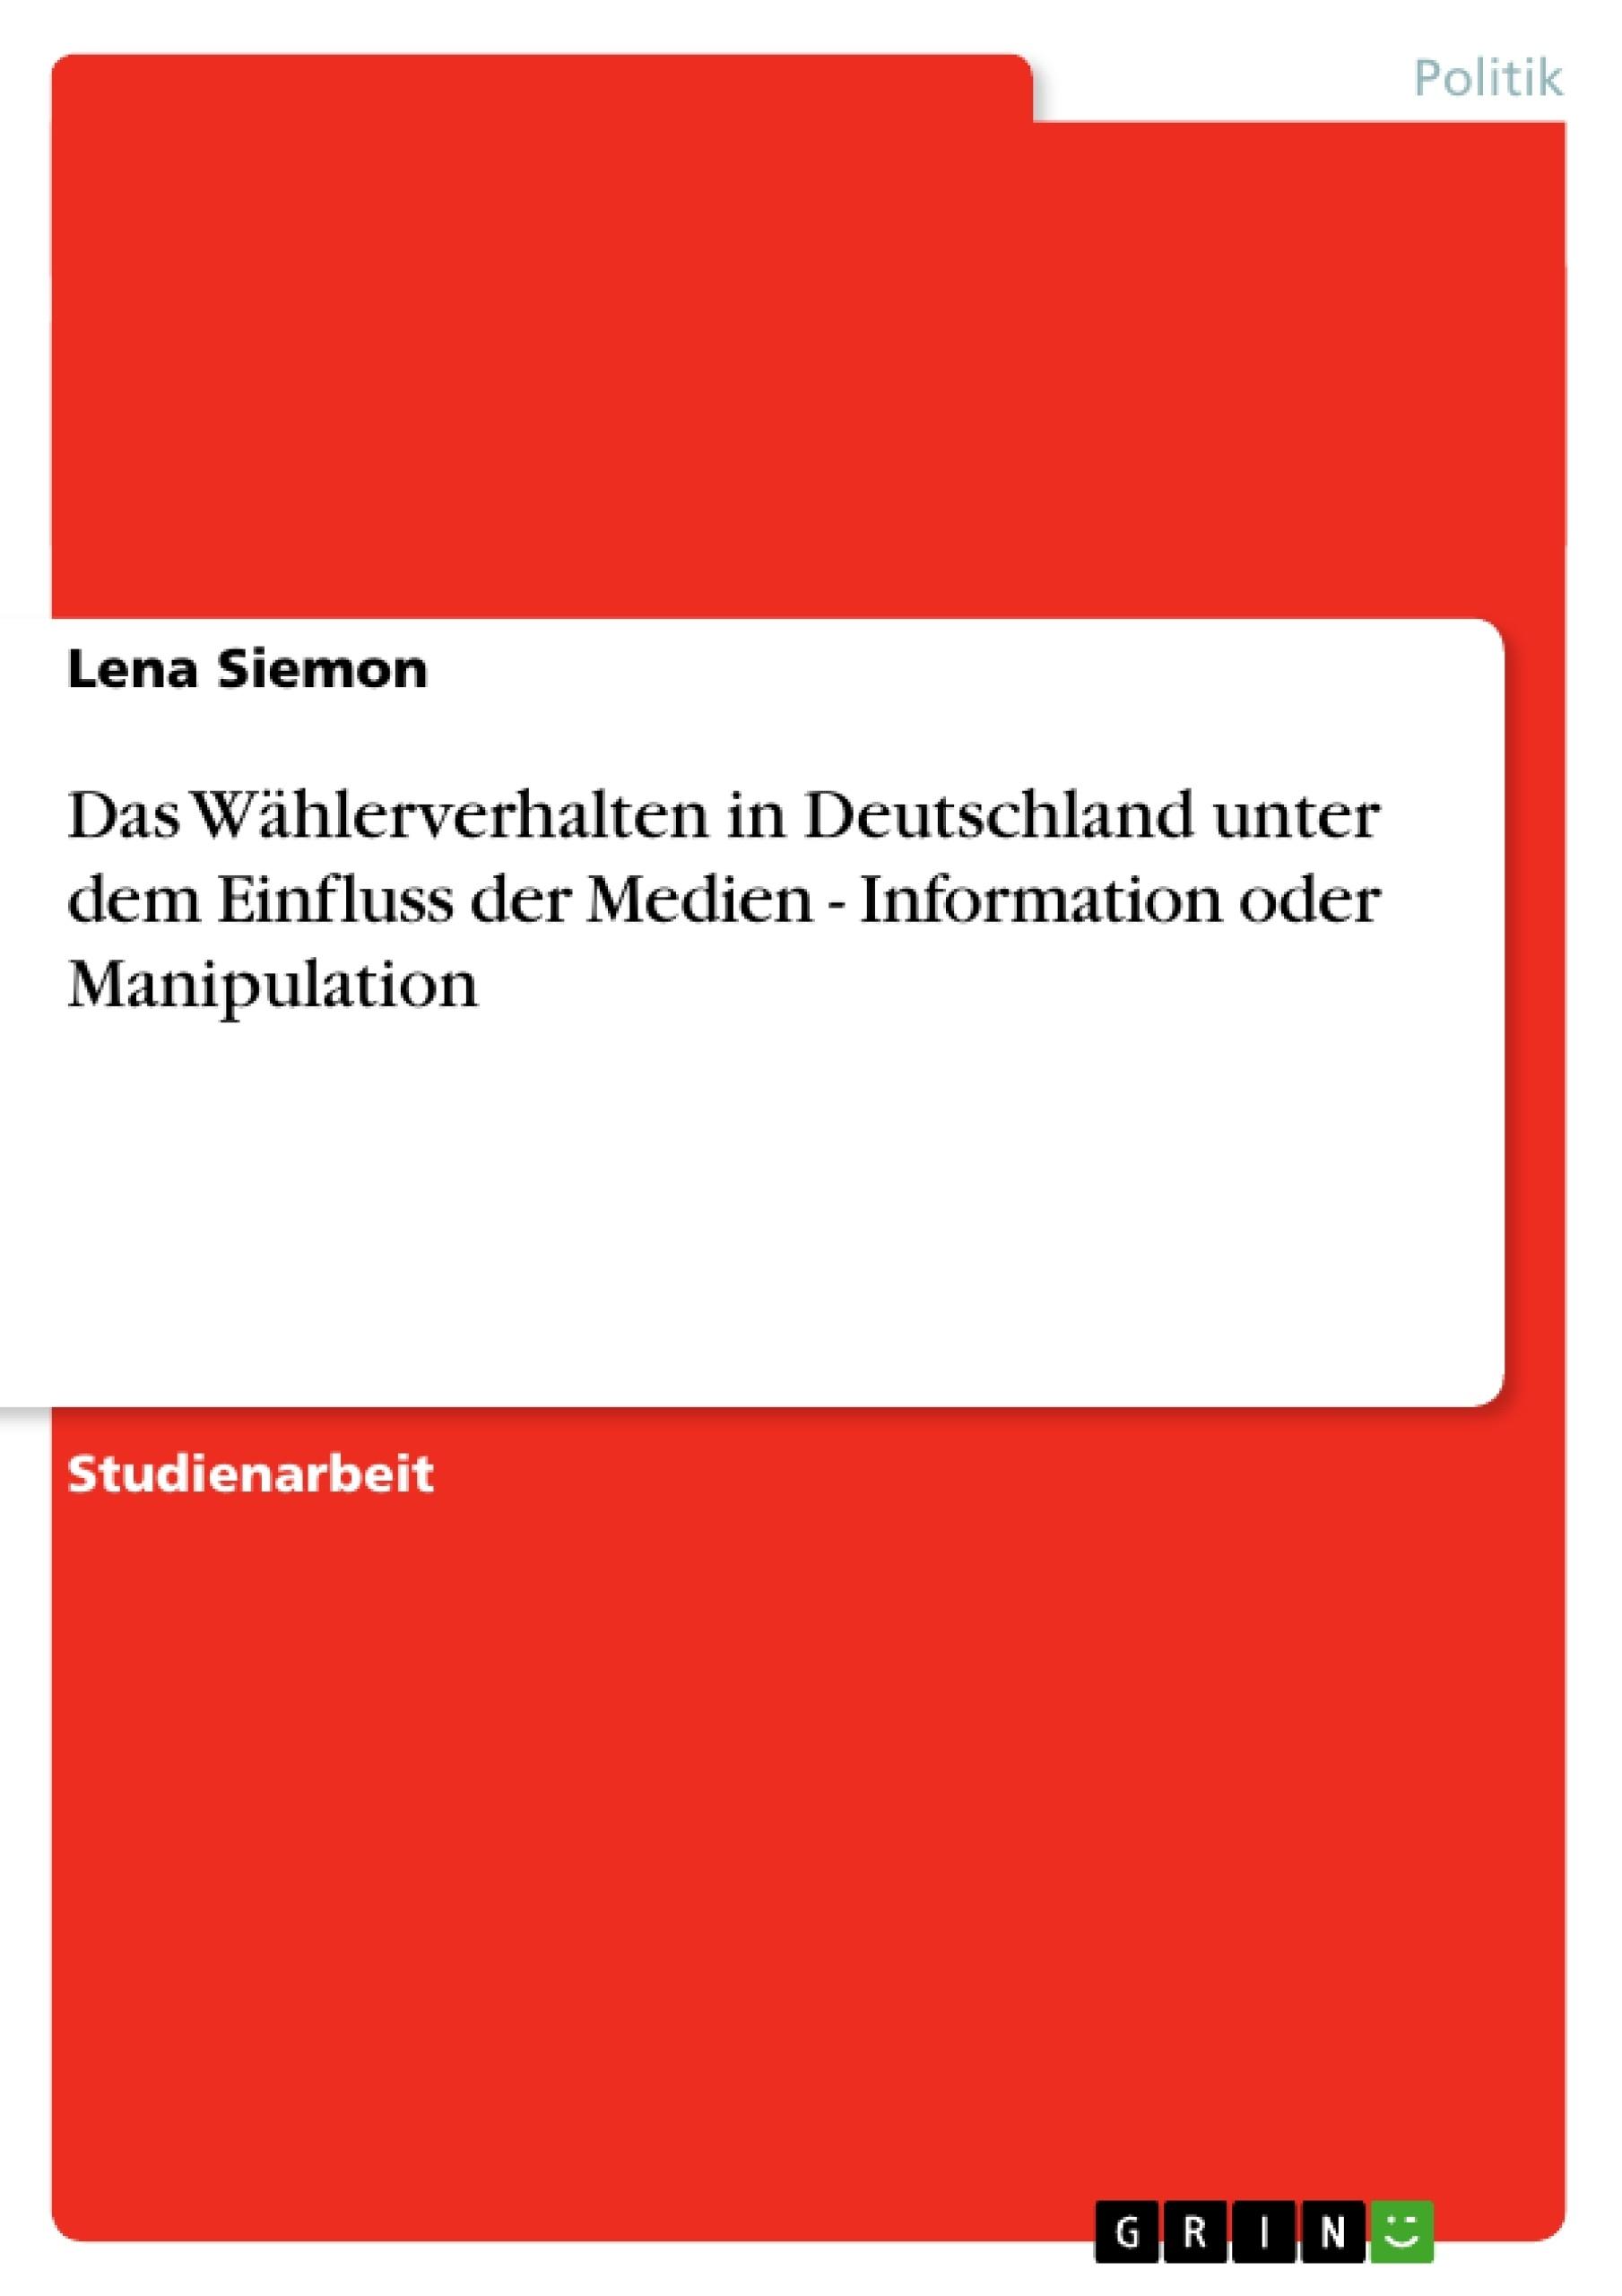 Titel: Das Wählerverhalten in Deutschland unter dem Einfluss der Medien - Information oder Manipulation